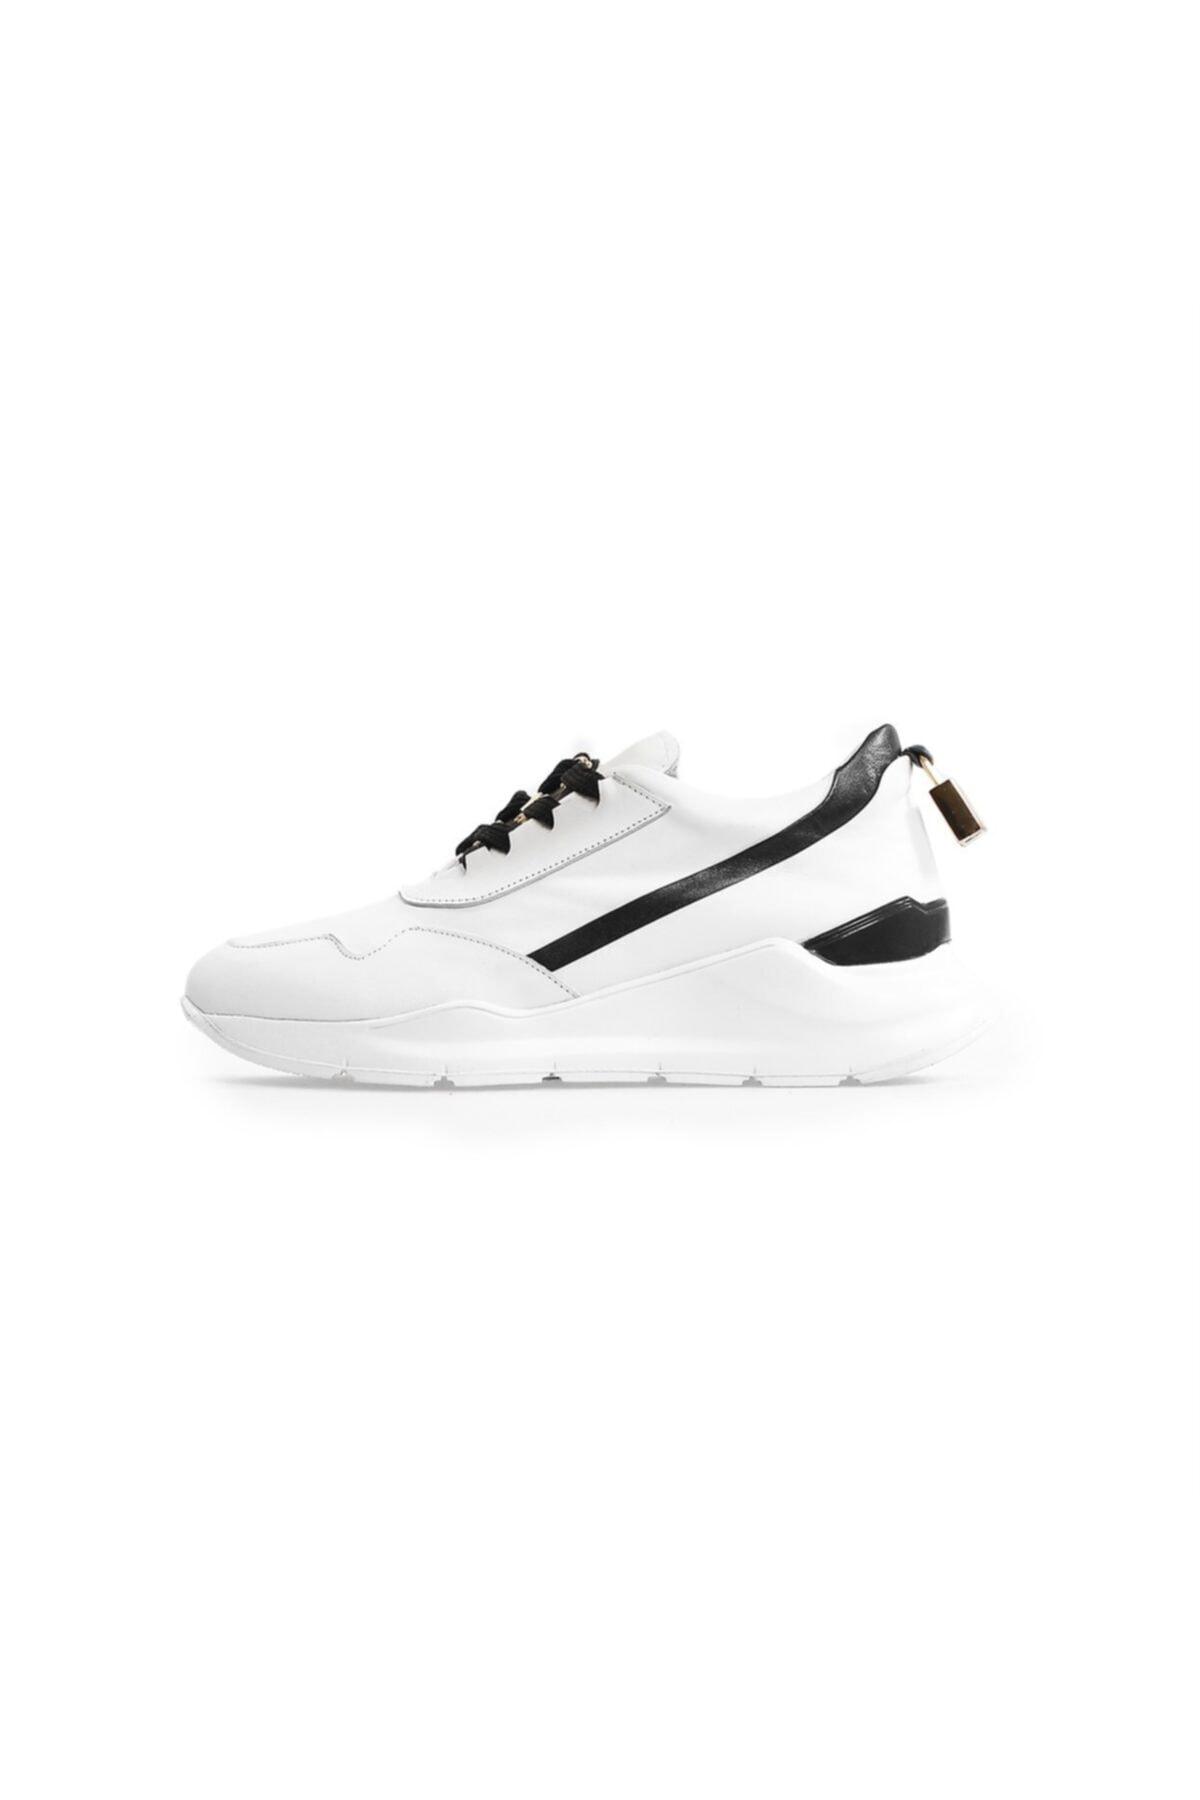 Flower Beyaz Deri Aksesuar Detaylı Spor Ayakkabı 1